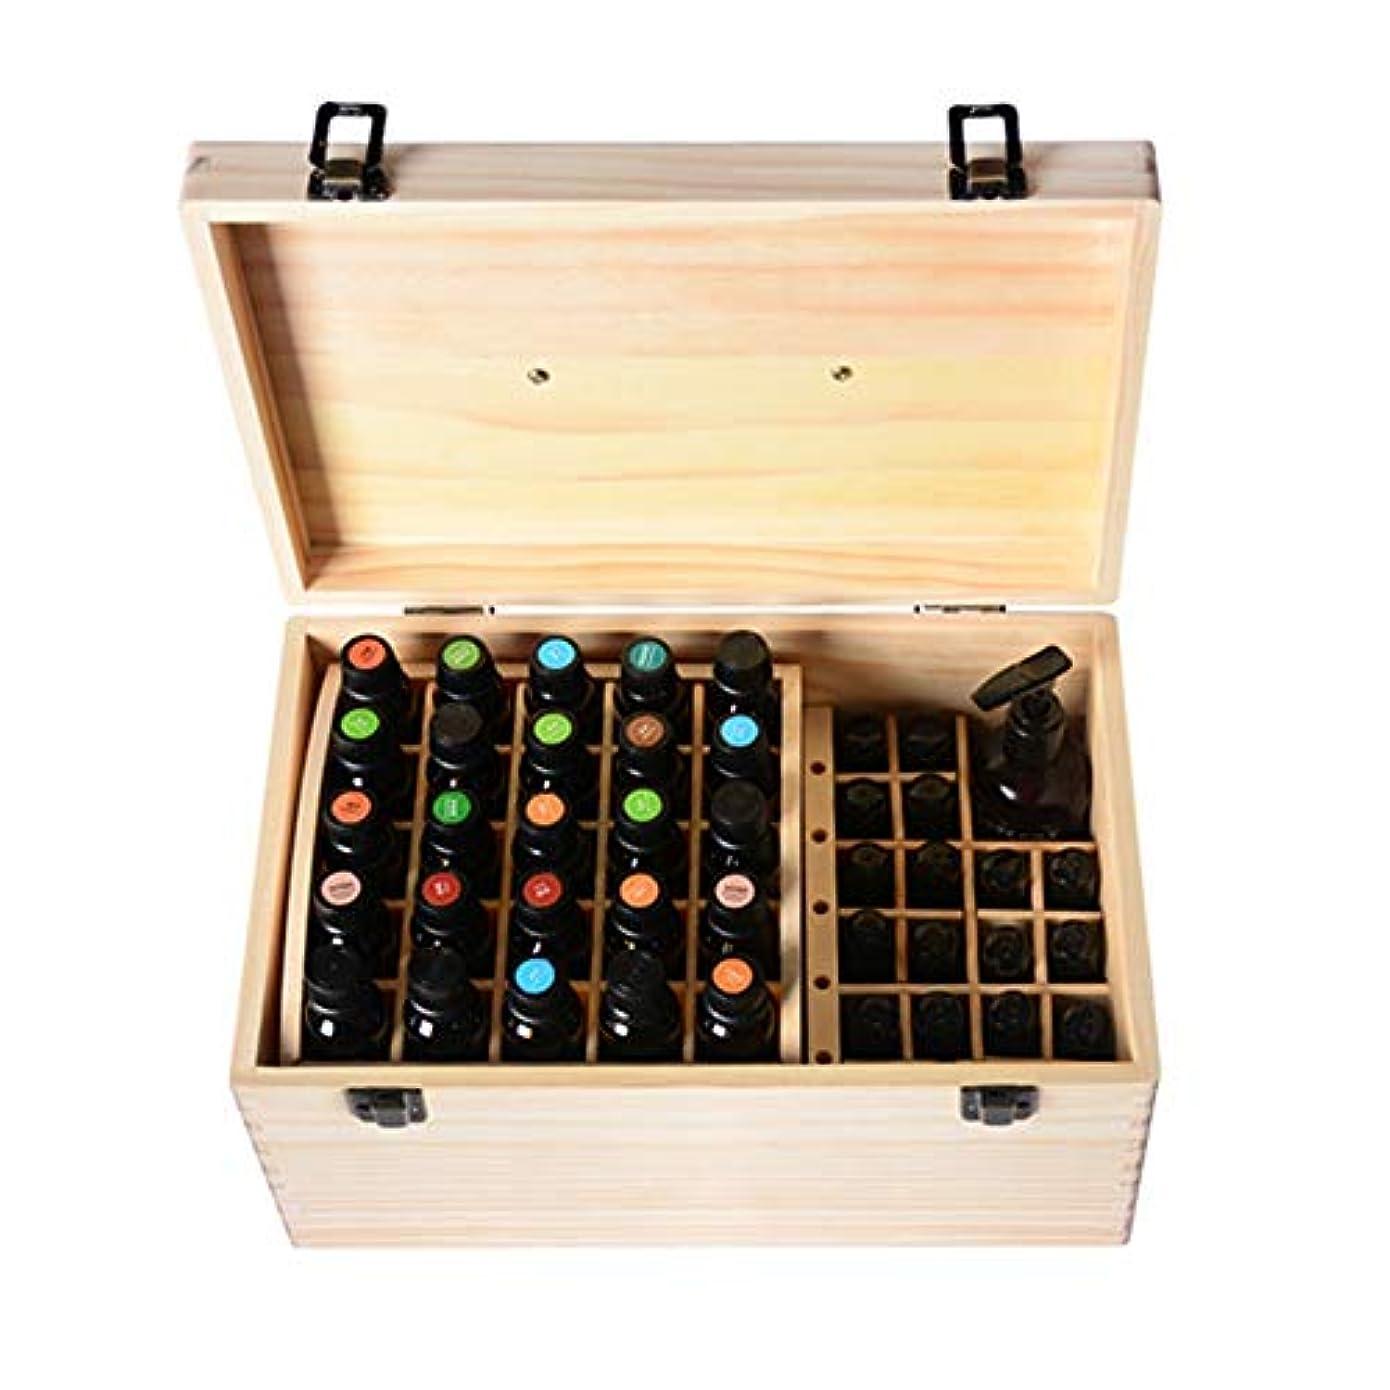 早熟統治可能告発者エッセンシャルオイルの保管 74スロット木エッセンシャルオイルボックス収納ケース内部のリムーバブルは15/10 M1のボトルナチュラルパインを開催します (色 : Natural, サイズ : 35X20X16.5CM)